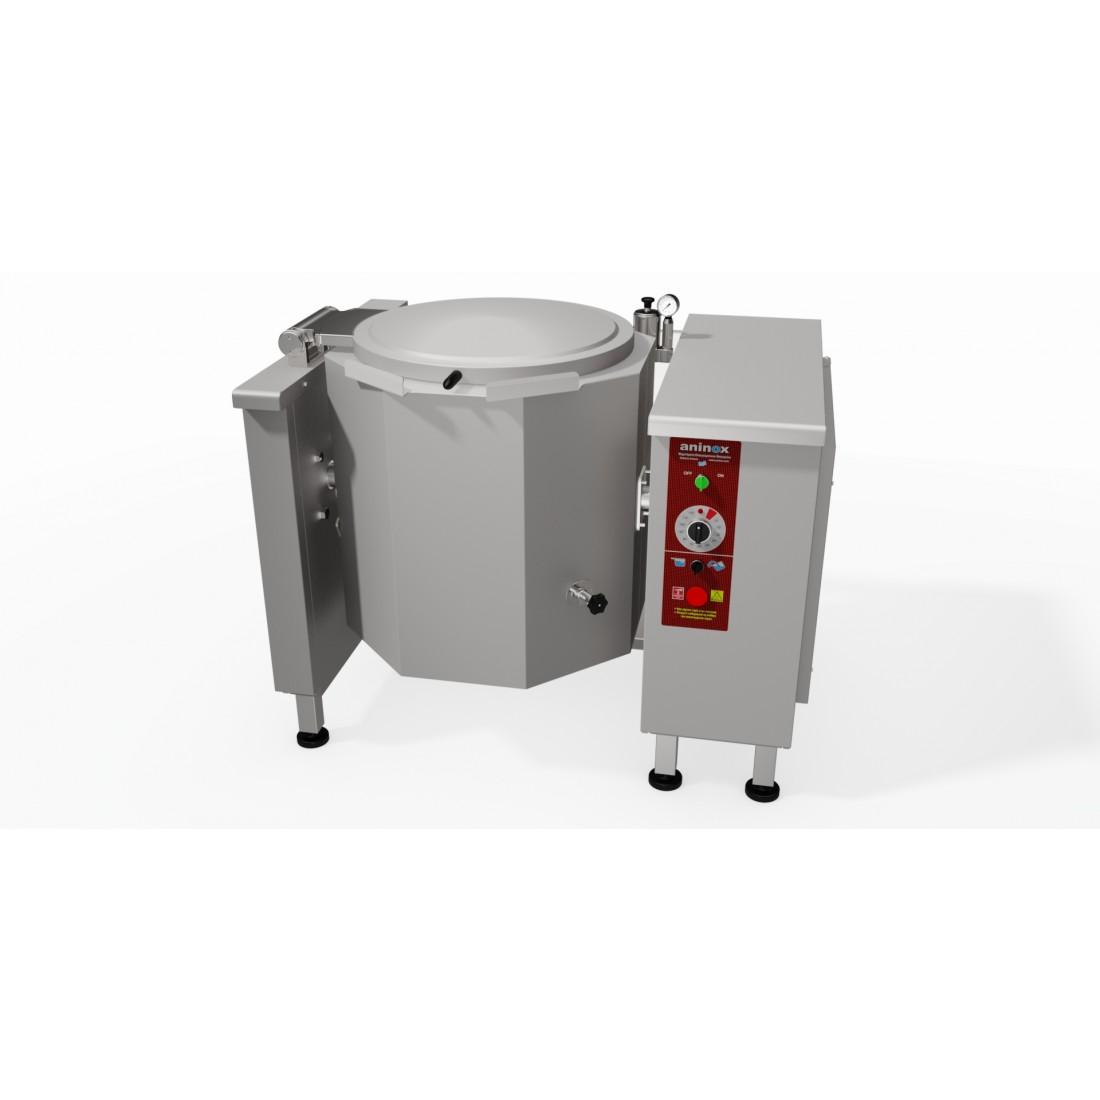 AUTOTILTING ELECTRIC BOILING PANS